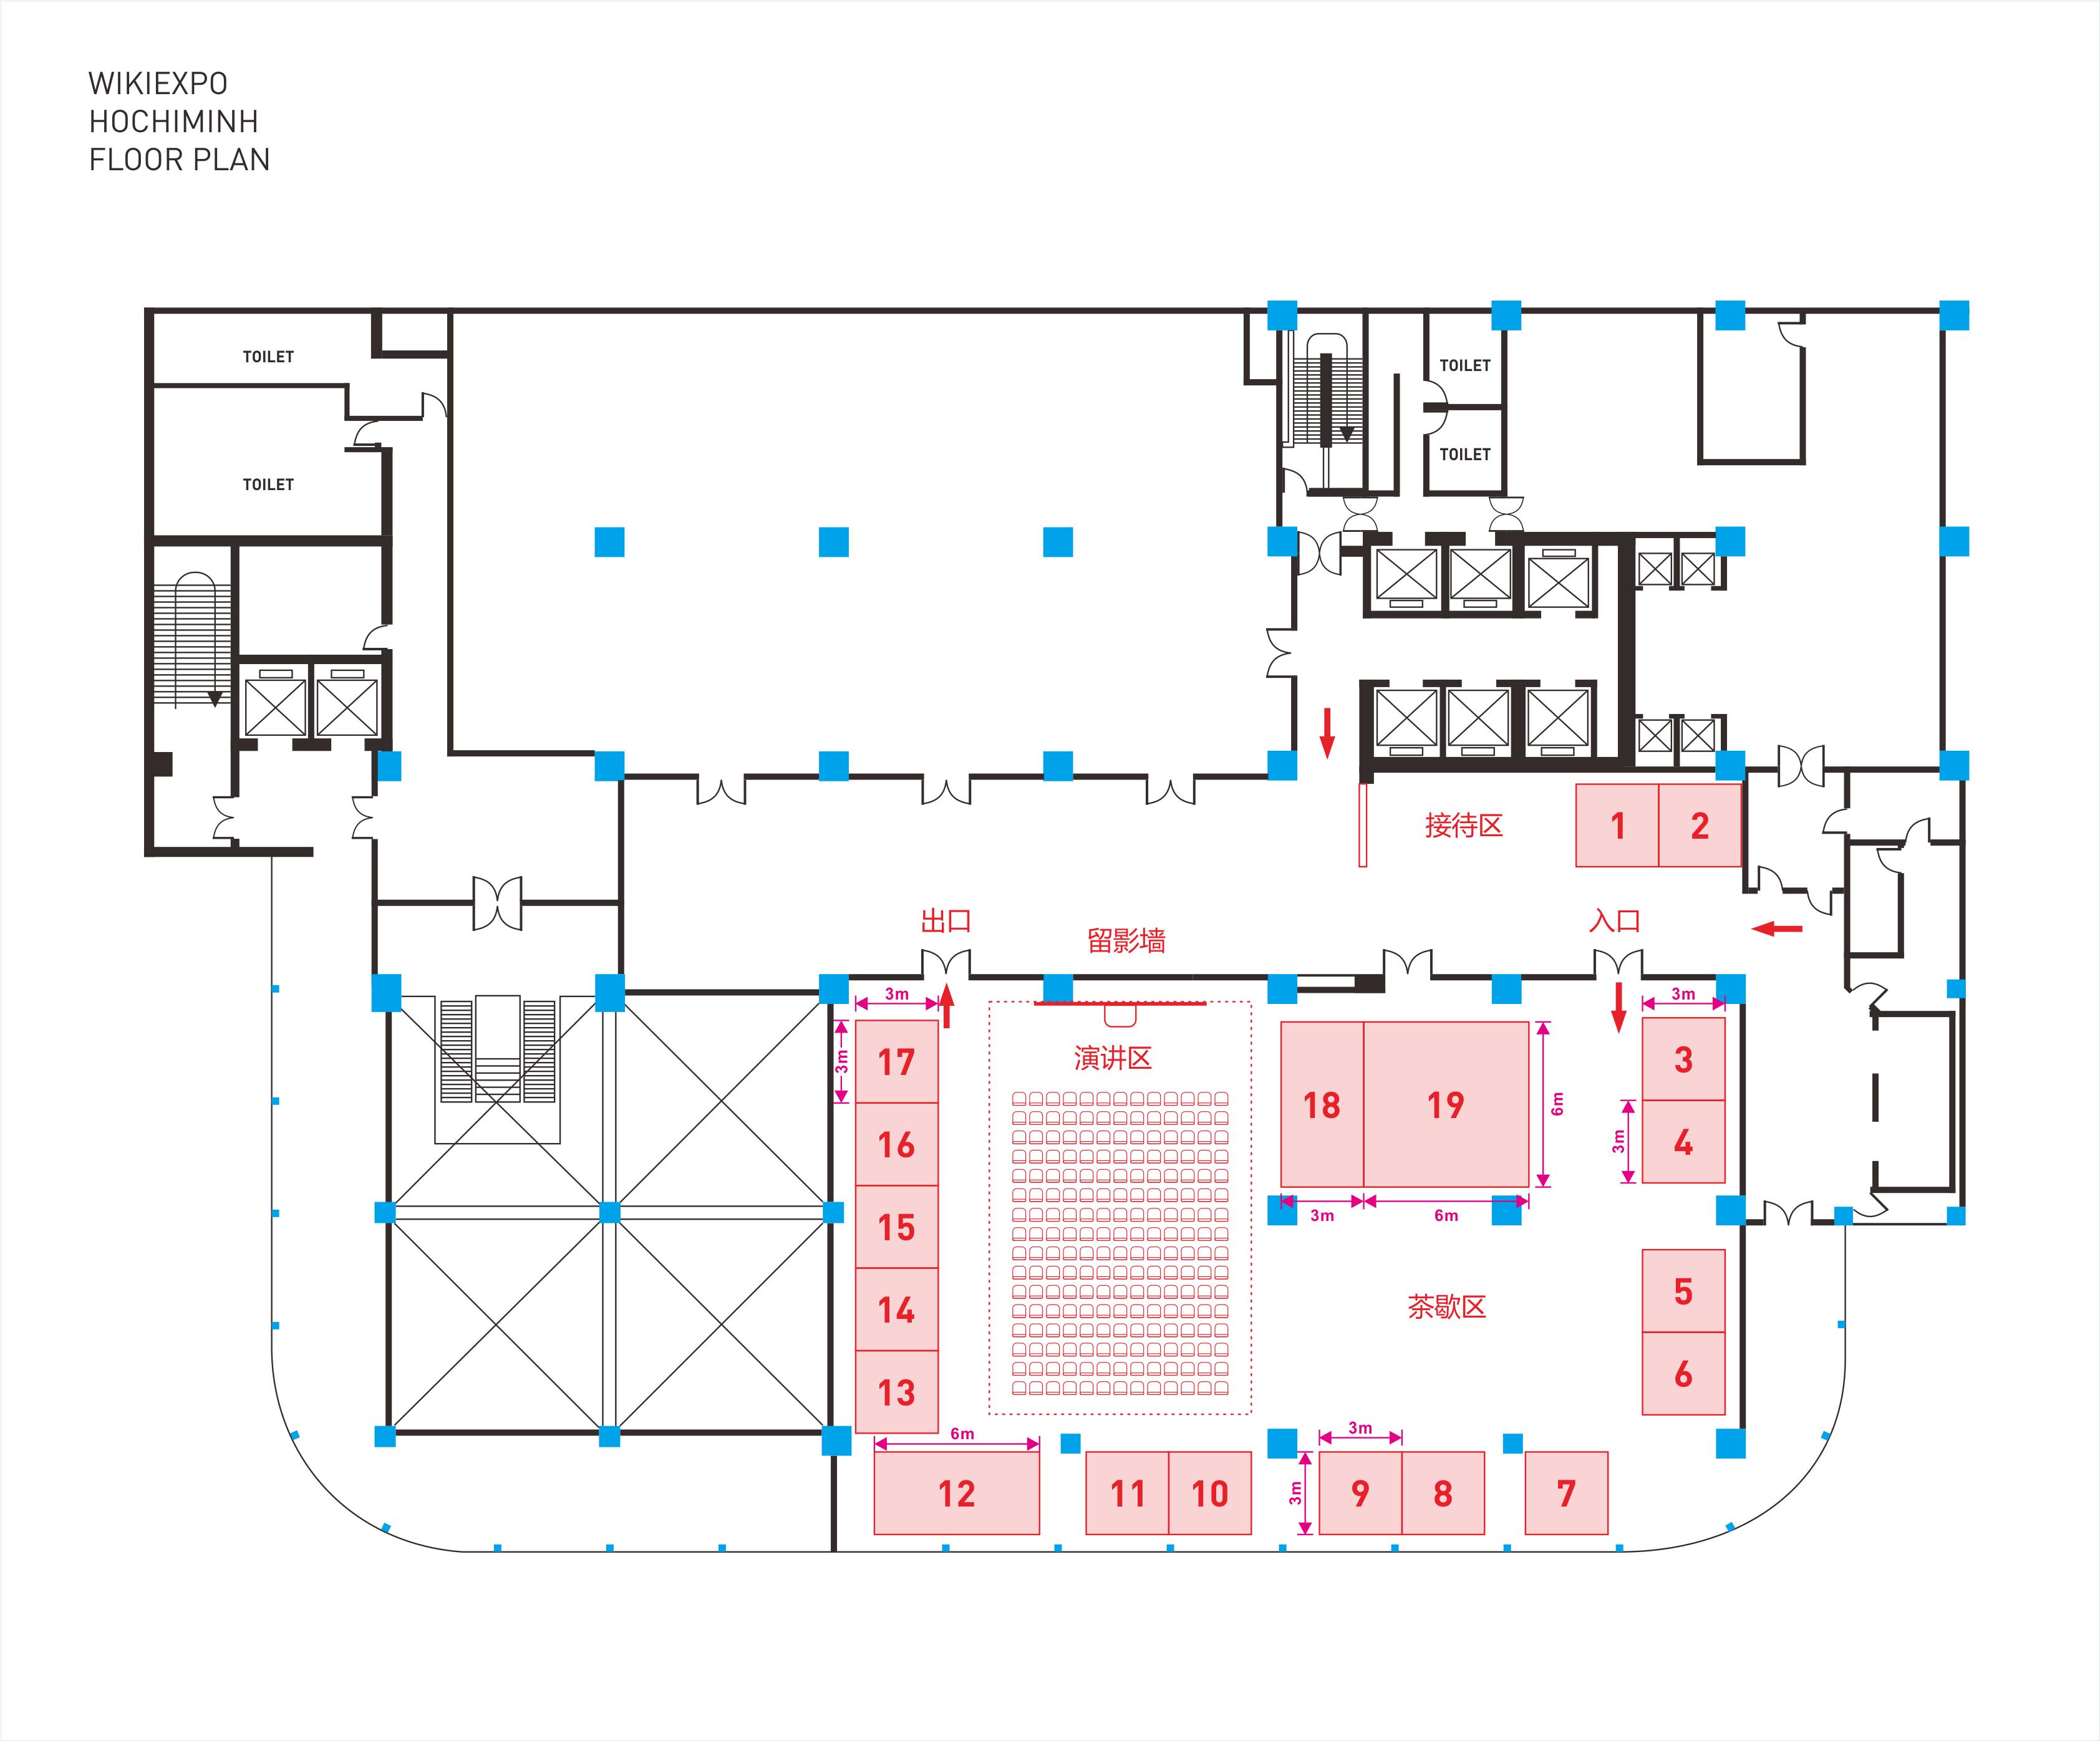 Hội nghị triển lãm Wiki EXPO